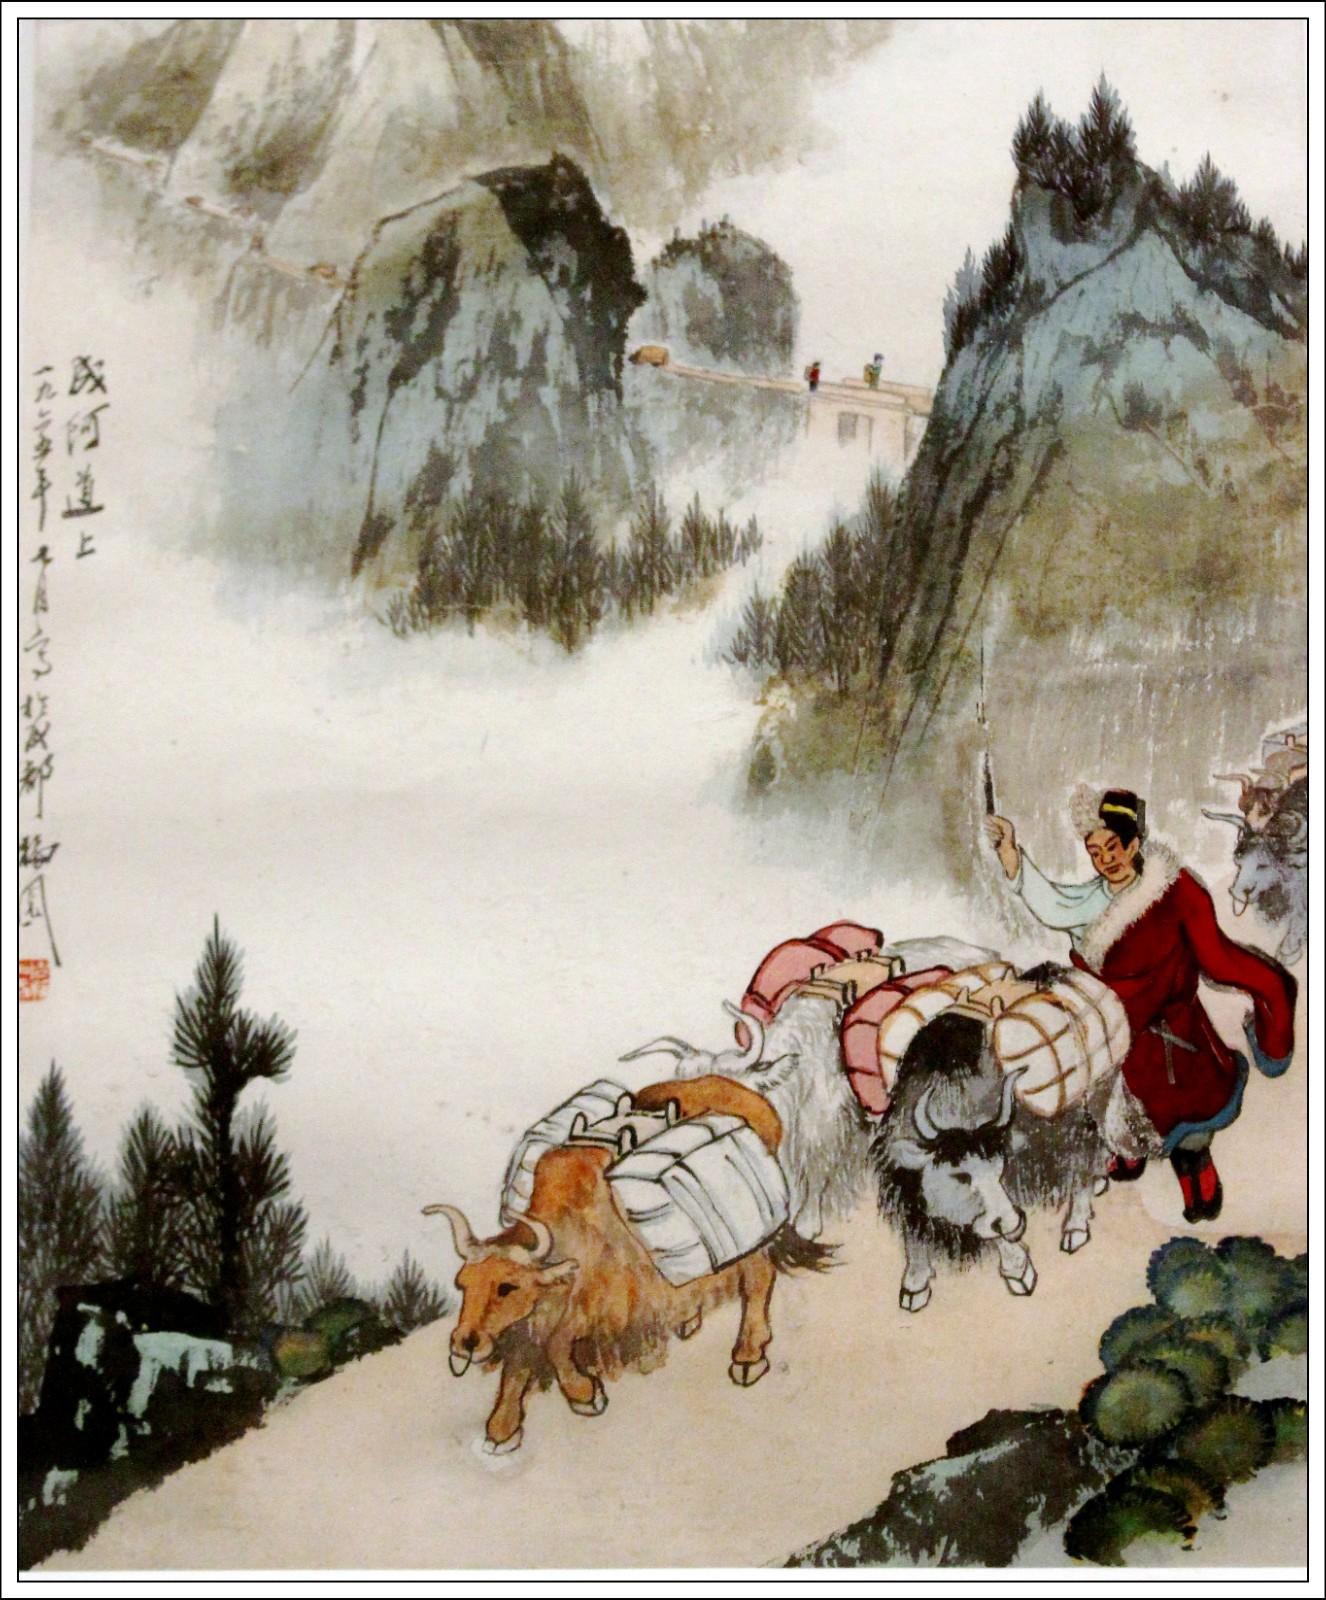 鹊桥仙·七夕(古典诗词)_图1-2